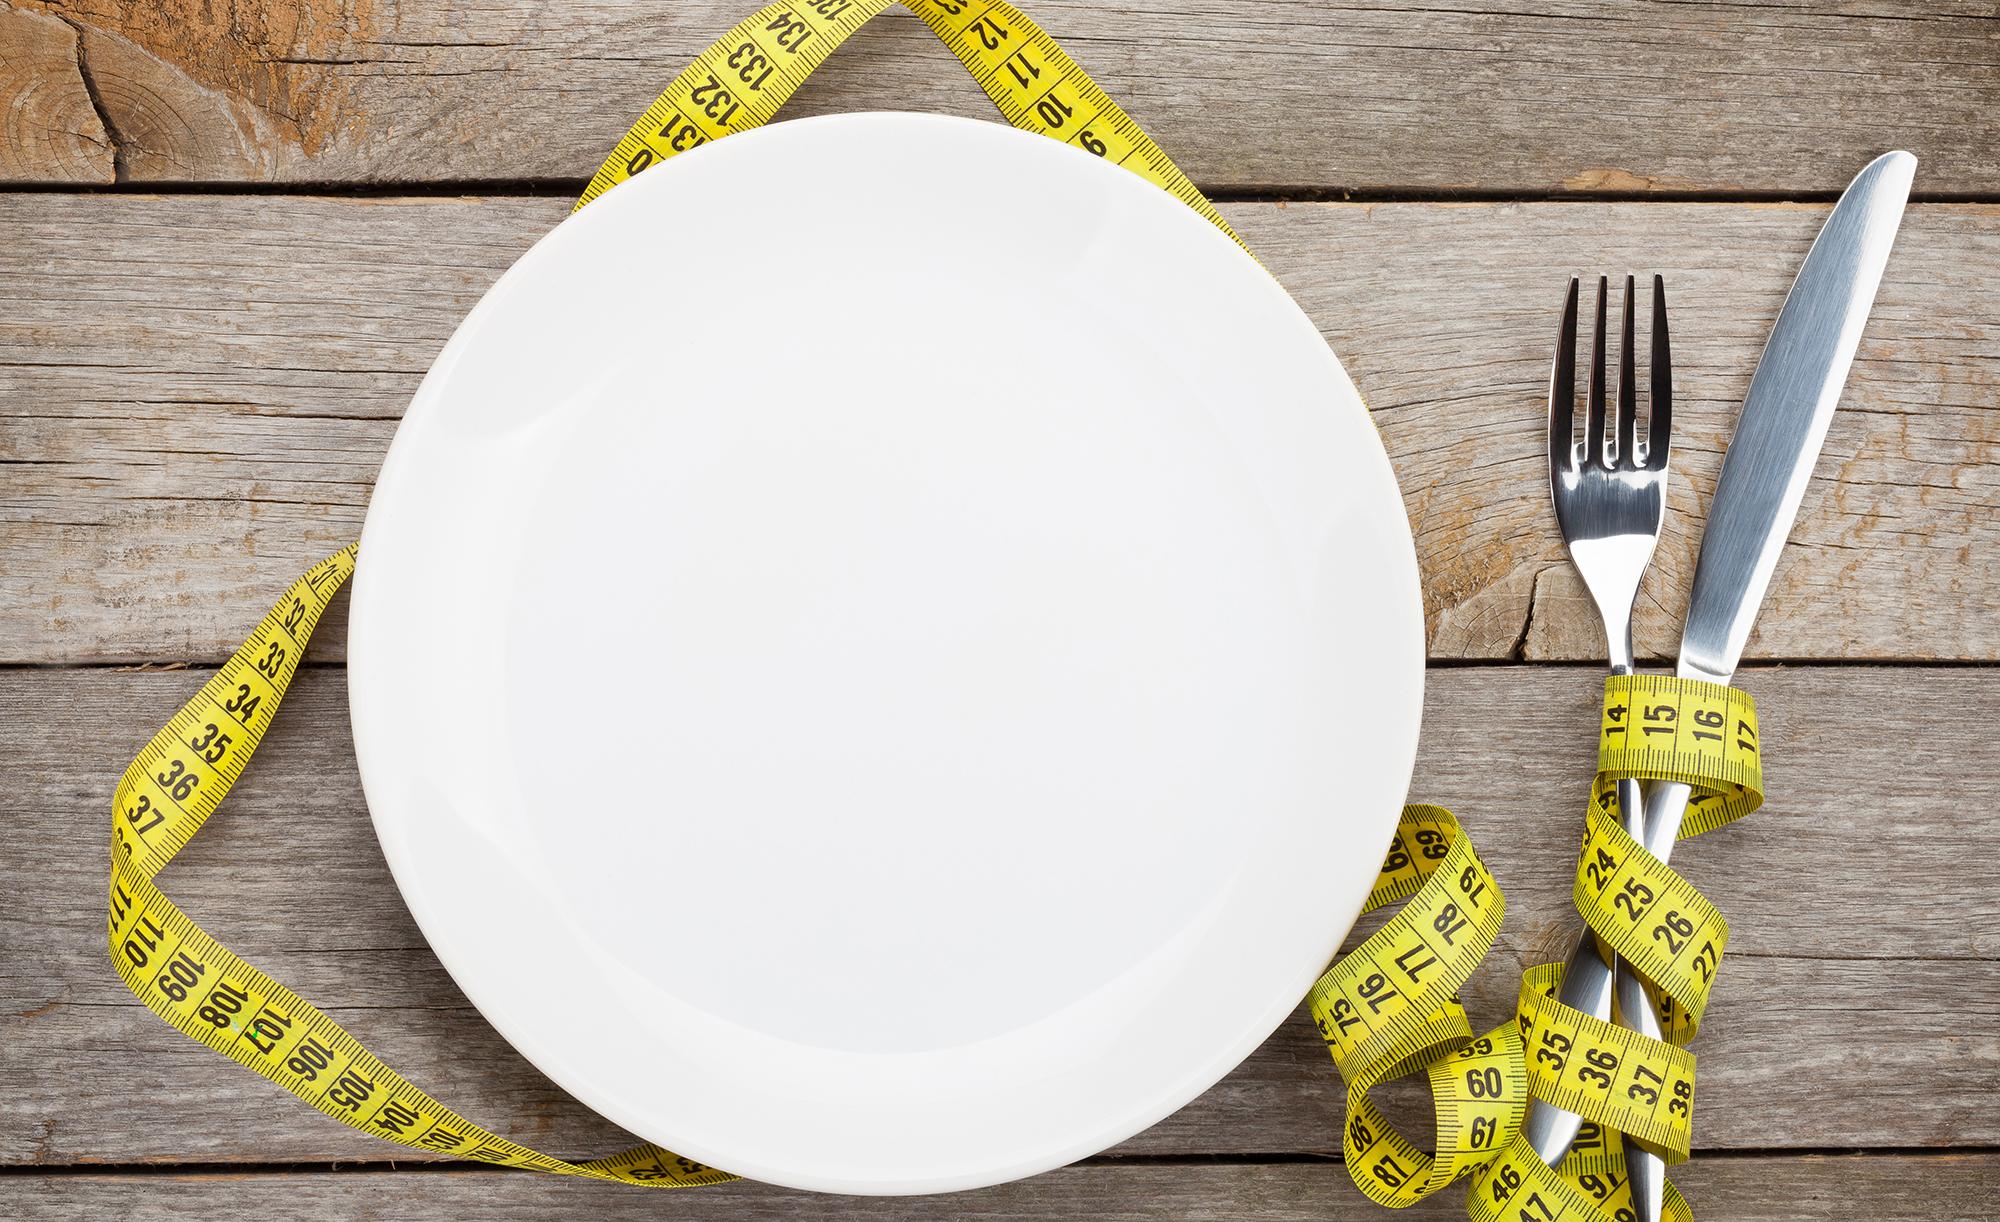 Detox versus diet: which one is best?